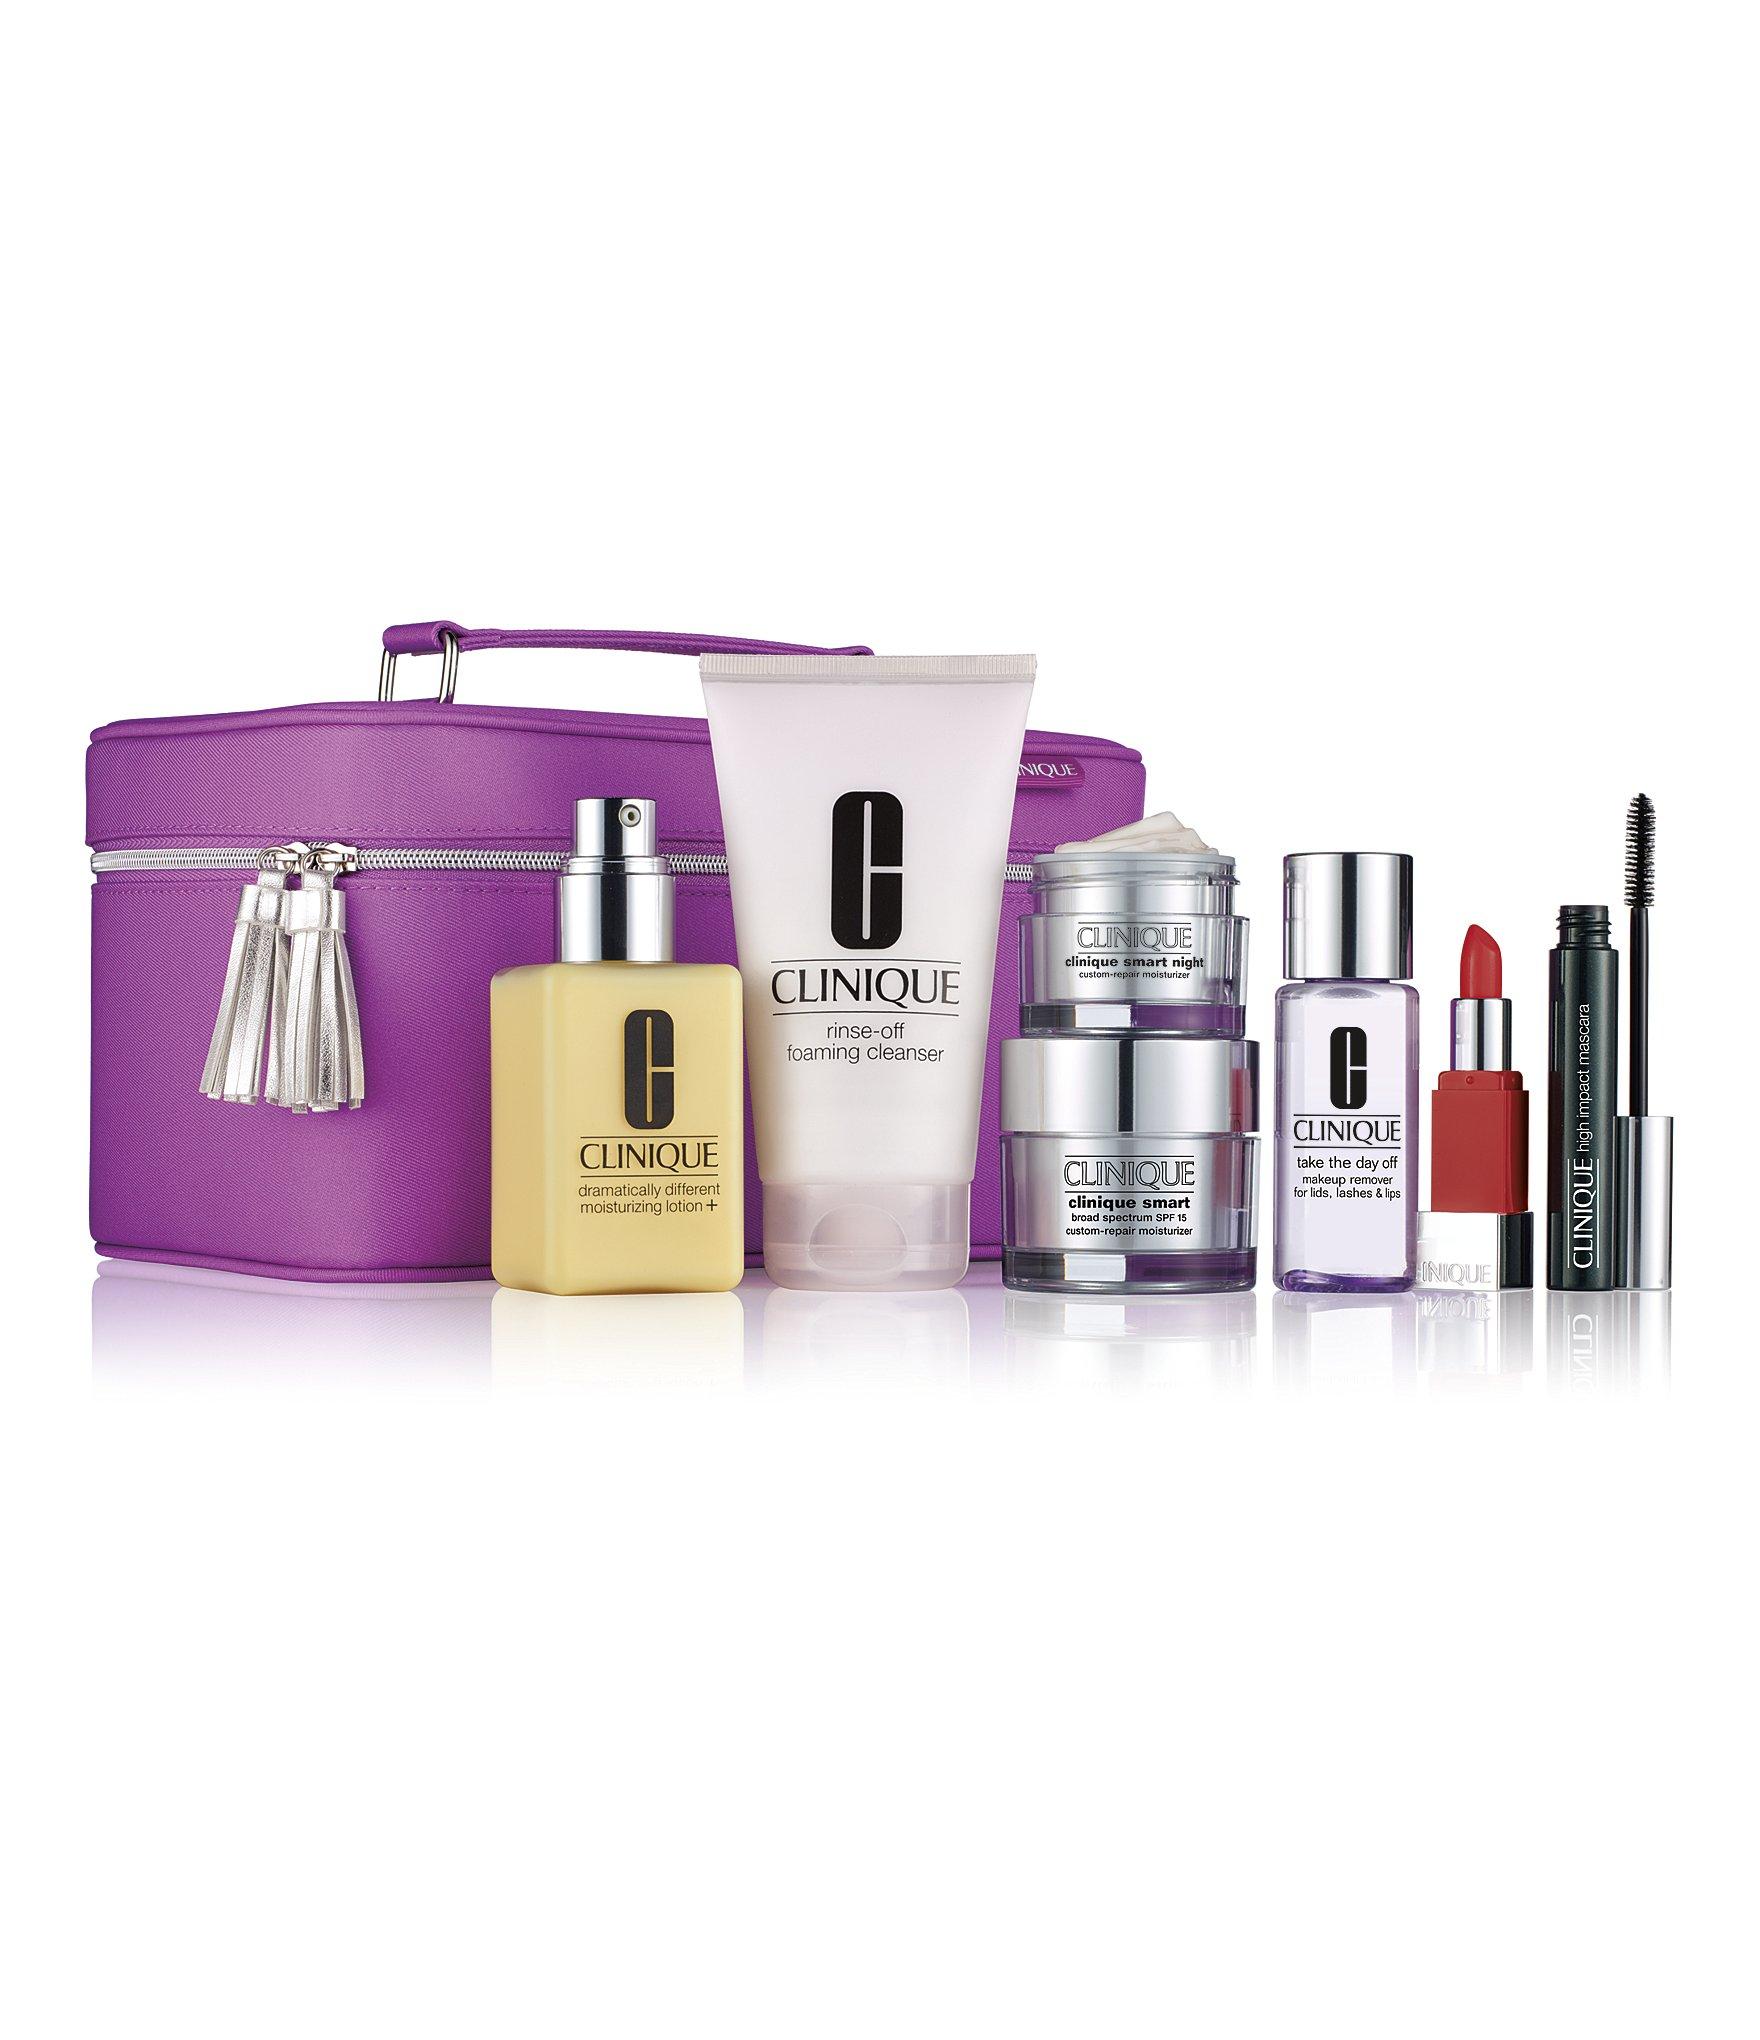 Clinique Beauty | Dillards.com